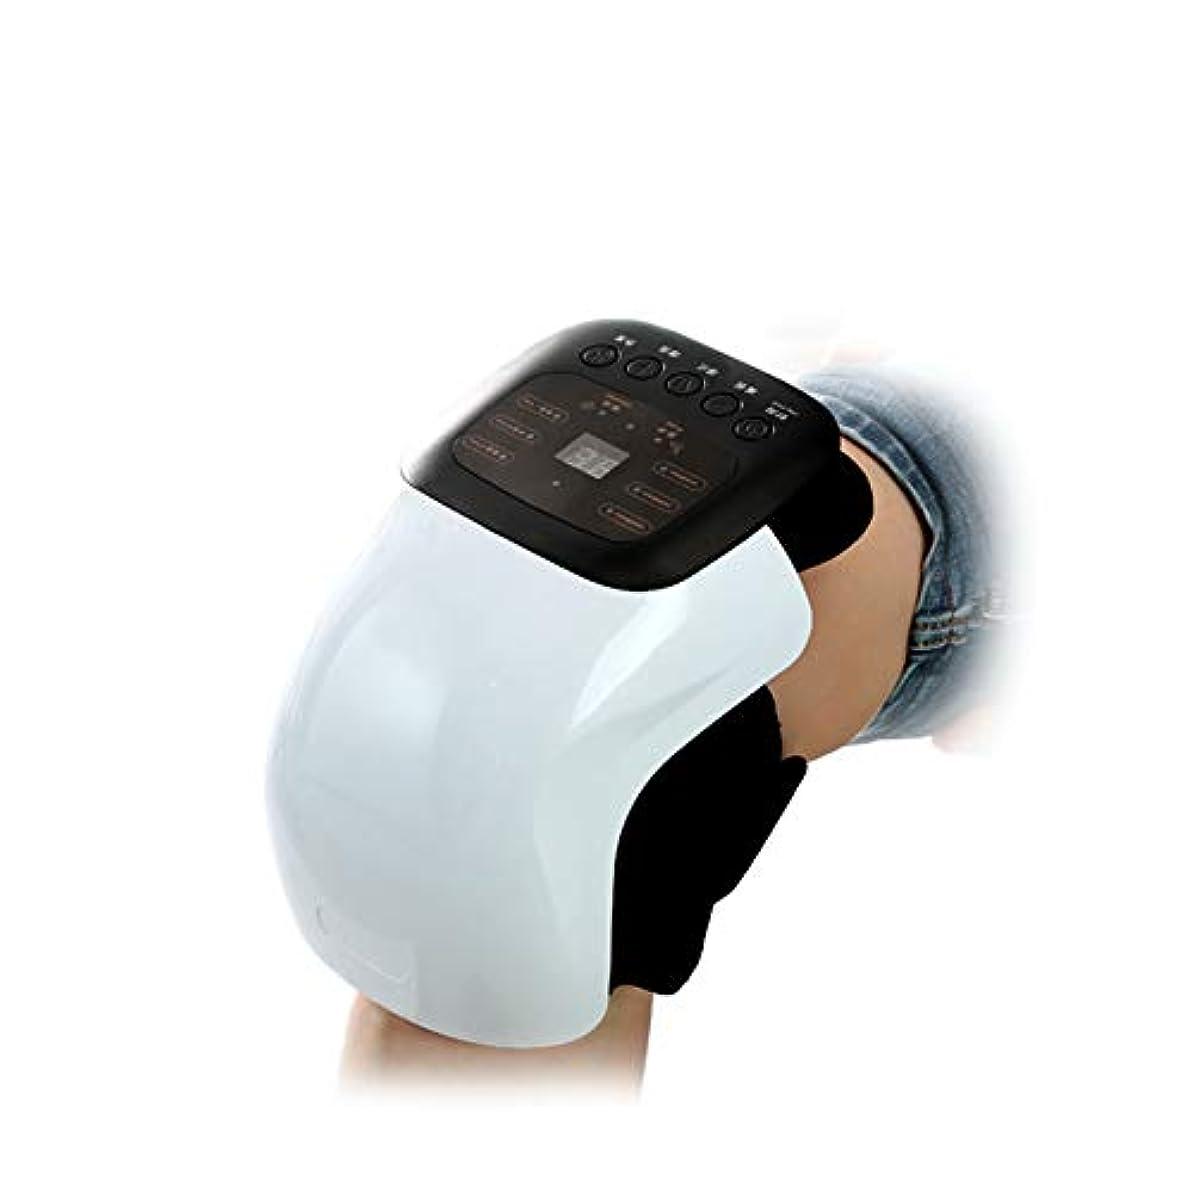 閉塞呪い変形変形性関節症リウマチ関節炎、電気痛緩和ケア用品のためのパルス、振動、加熱を伴うスマートニー理学療法マッサージ器